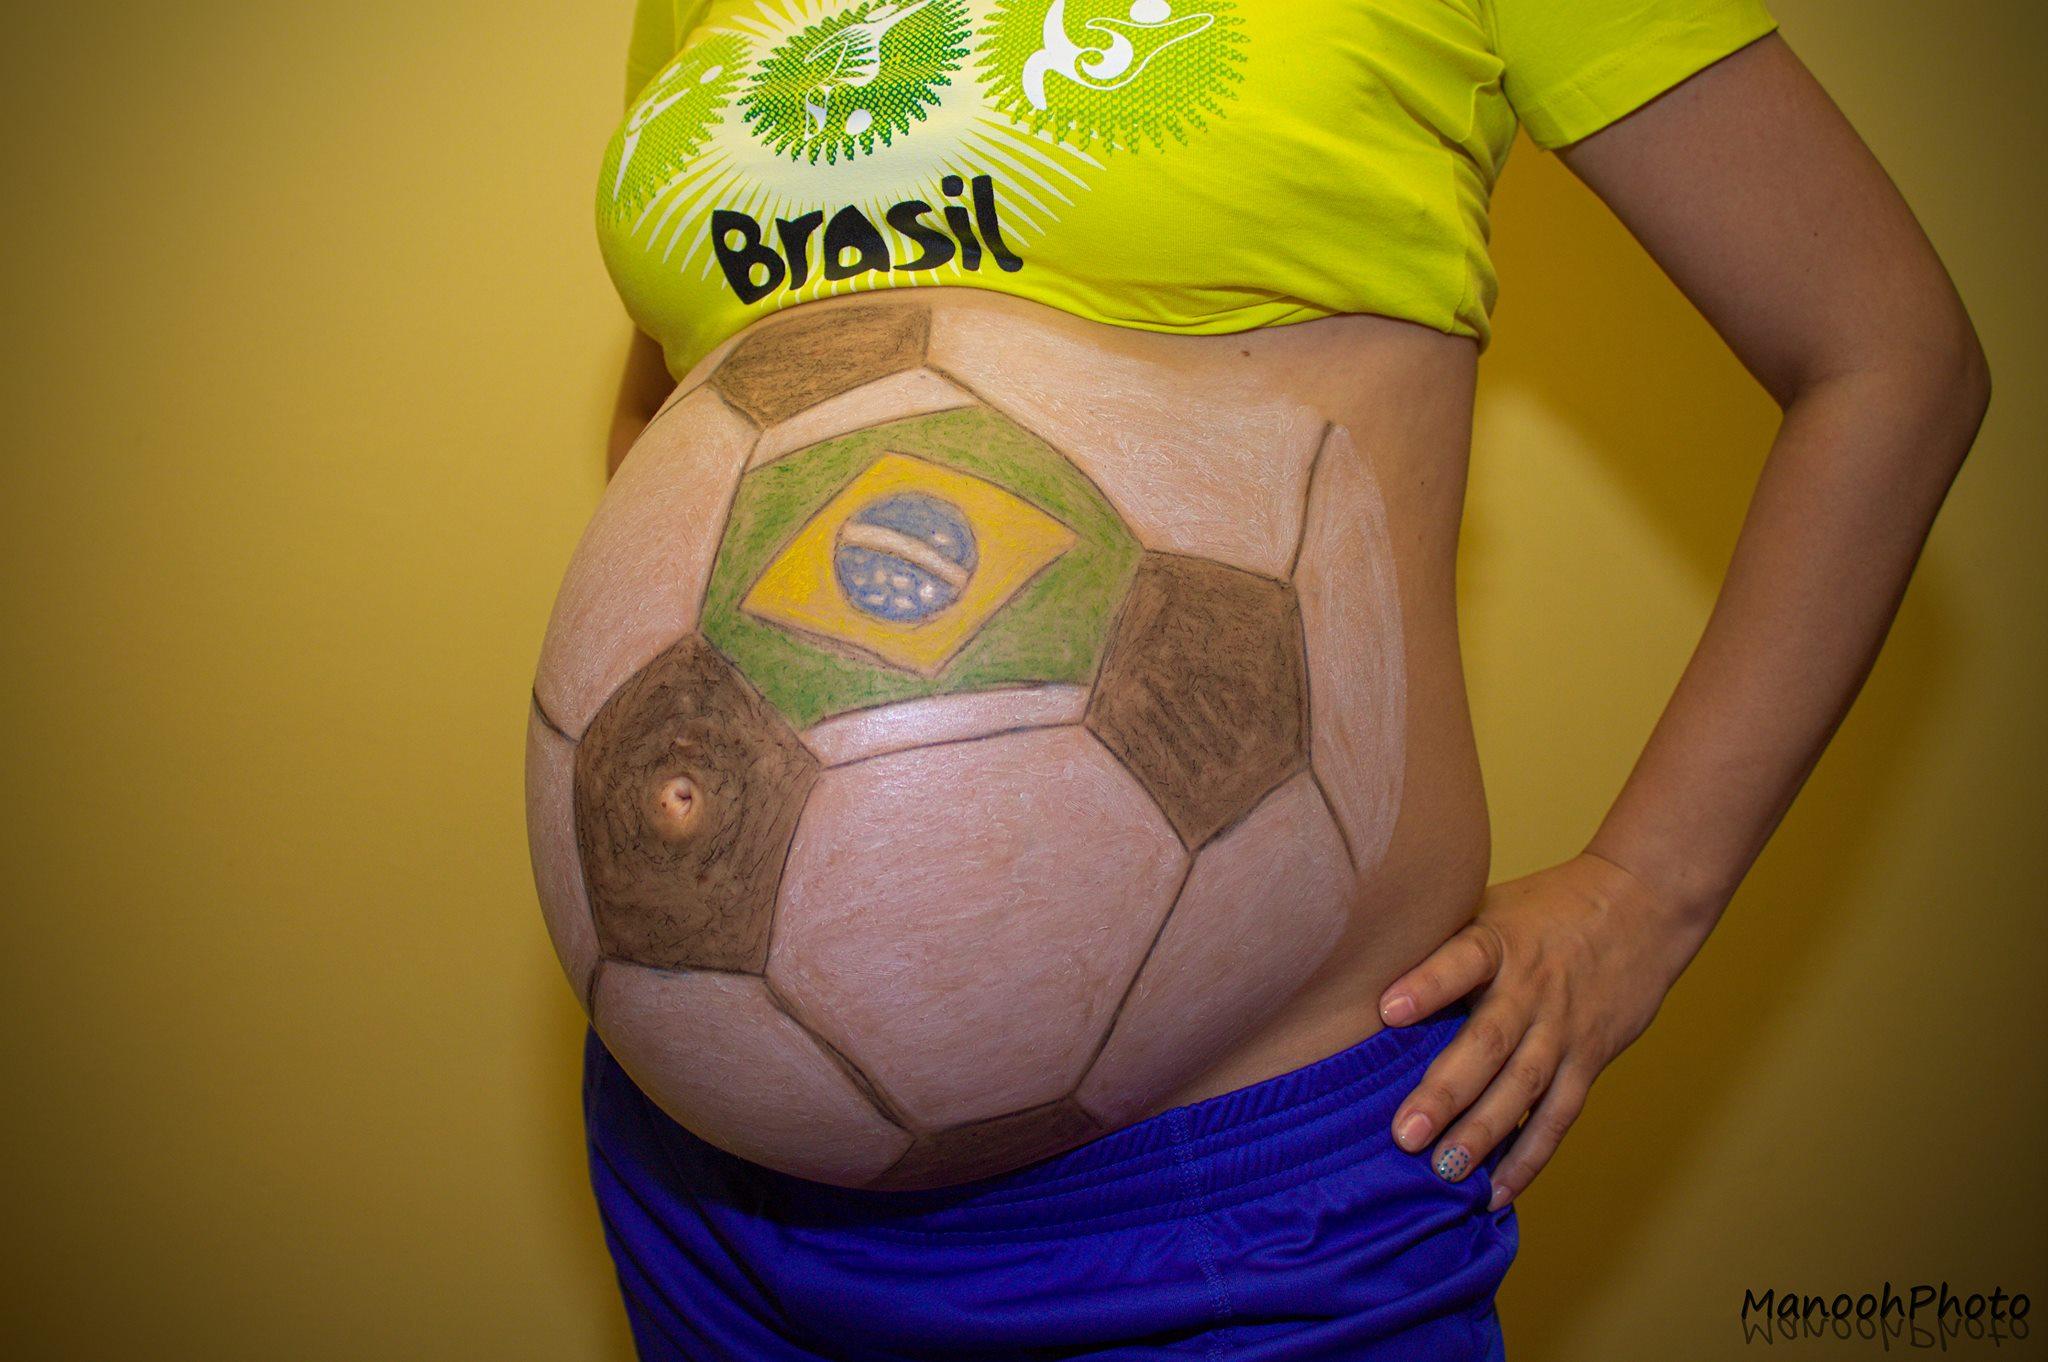 Így várja a várandós kismama a focivébé meccseit! (Fotó)